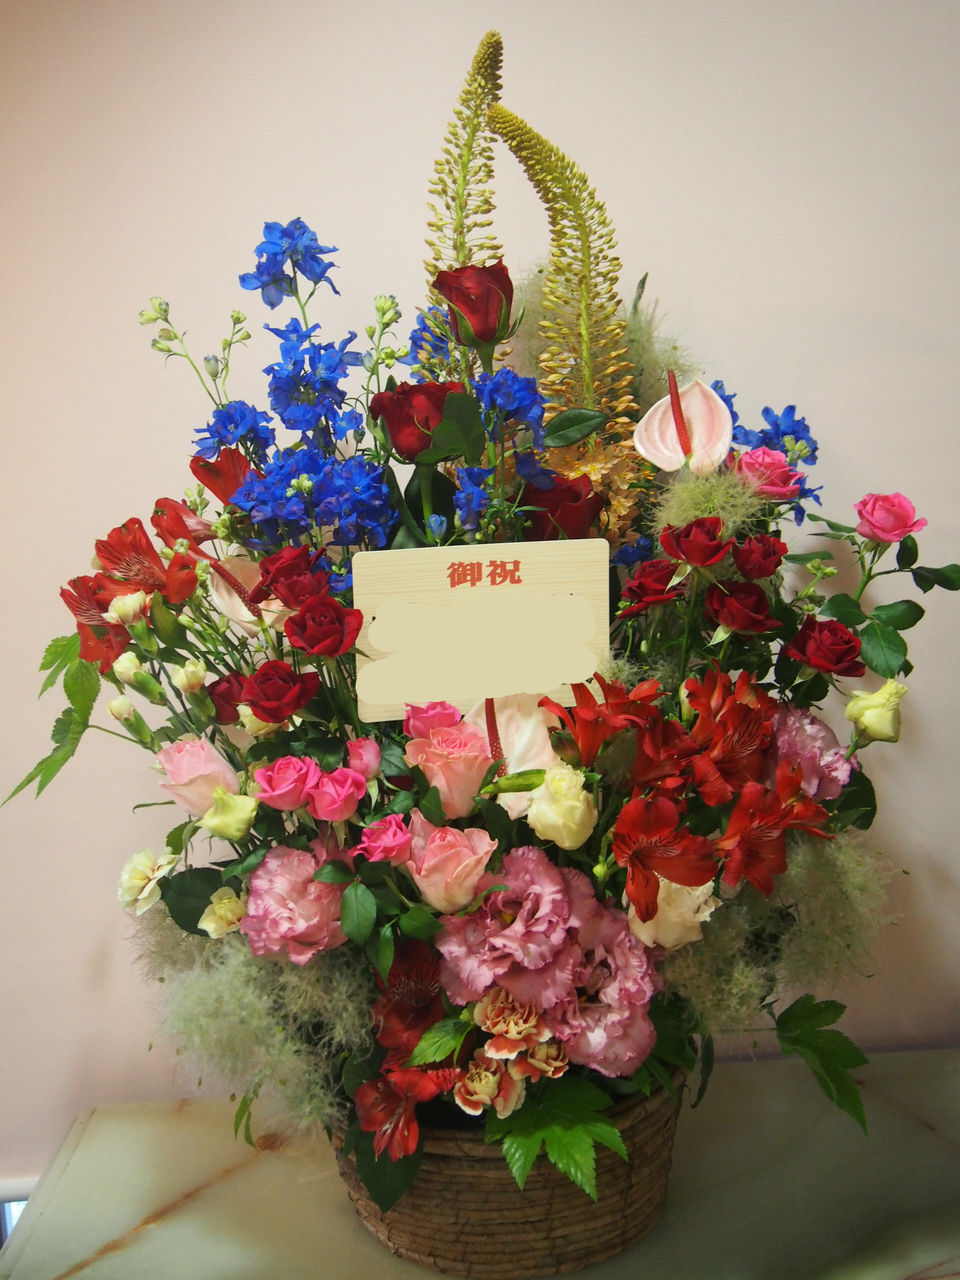 花ギフト|フラワーギフト|誕生日 花|カノシェ話題|スタンド花|ウエディングブーケ|花束|花屋|56176